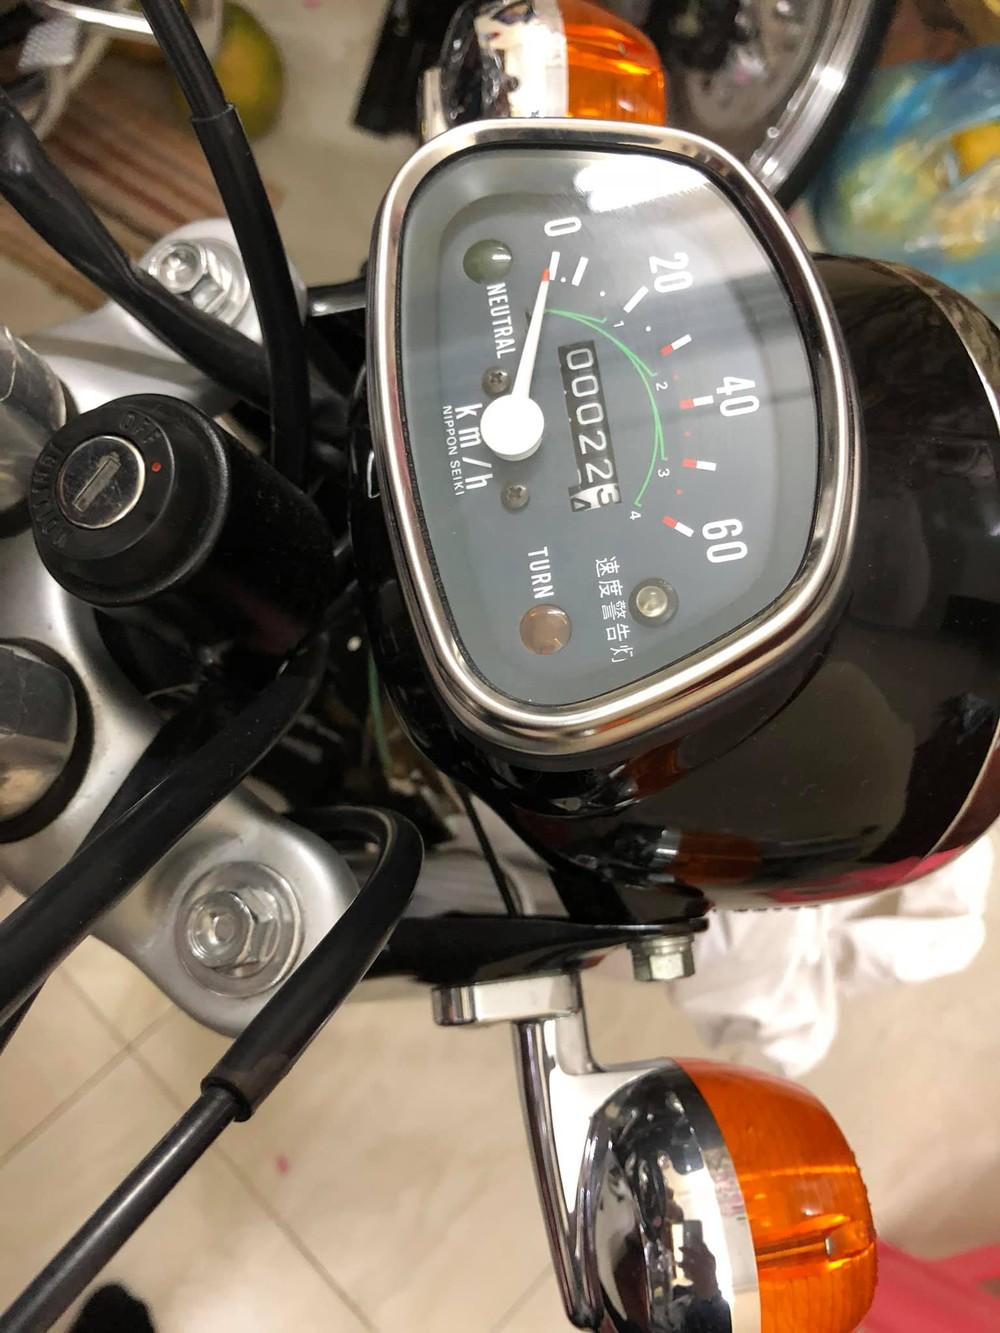 Đồng hồ công tơ mét trên xe dừng ở con số 22,5 km/